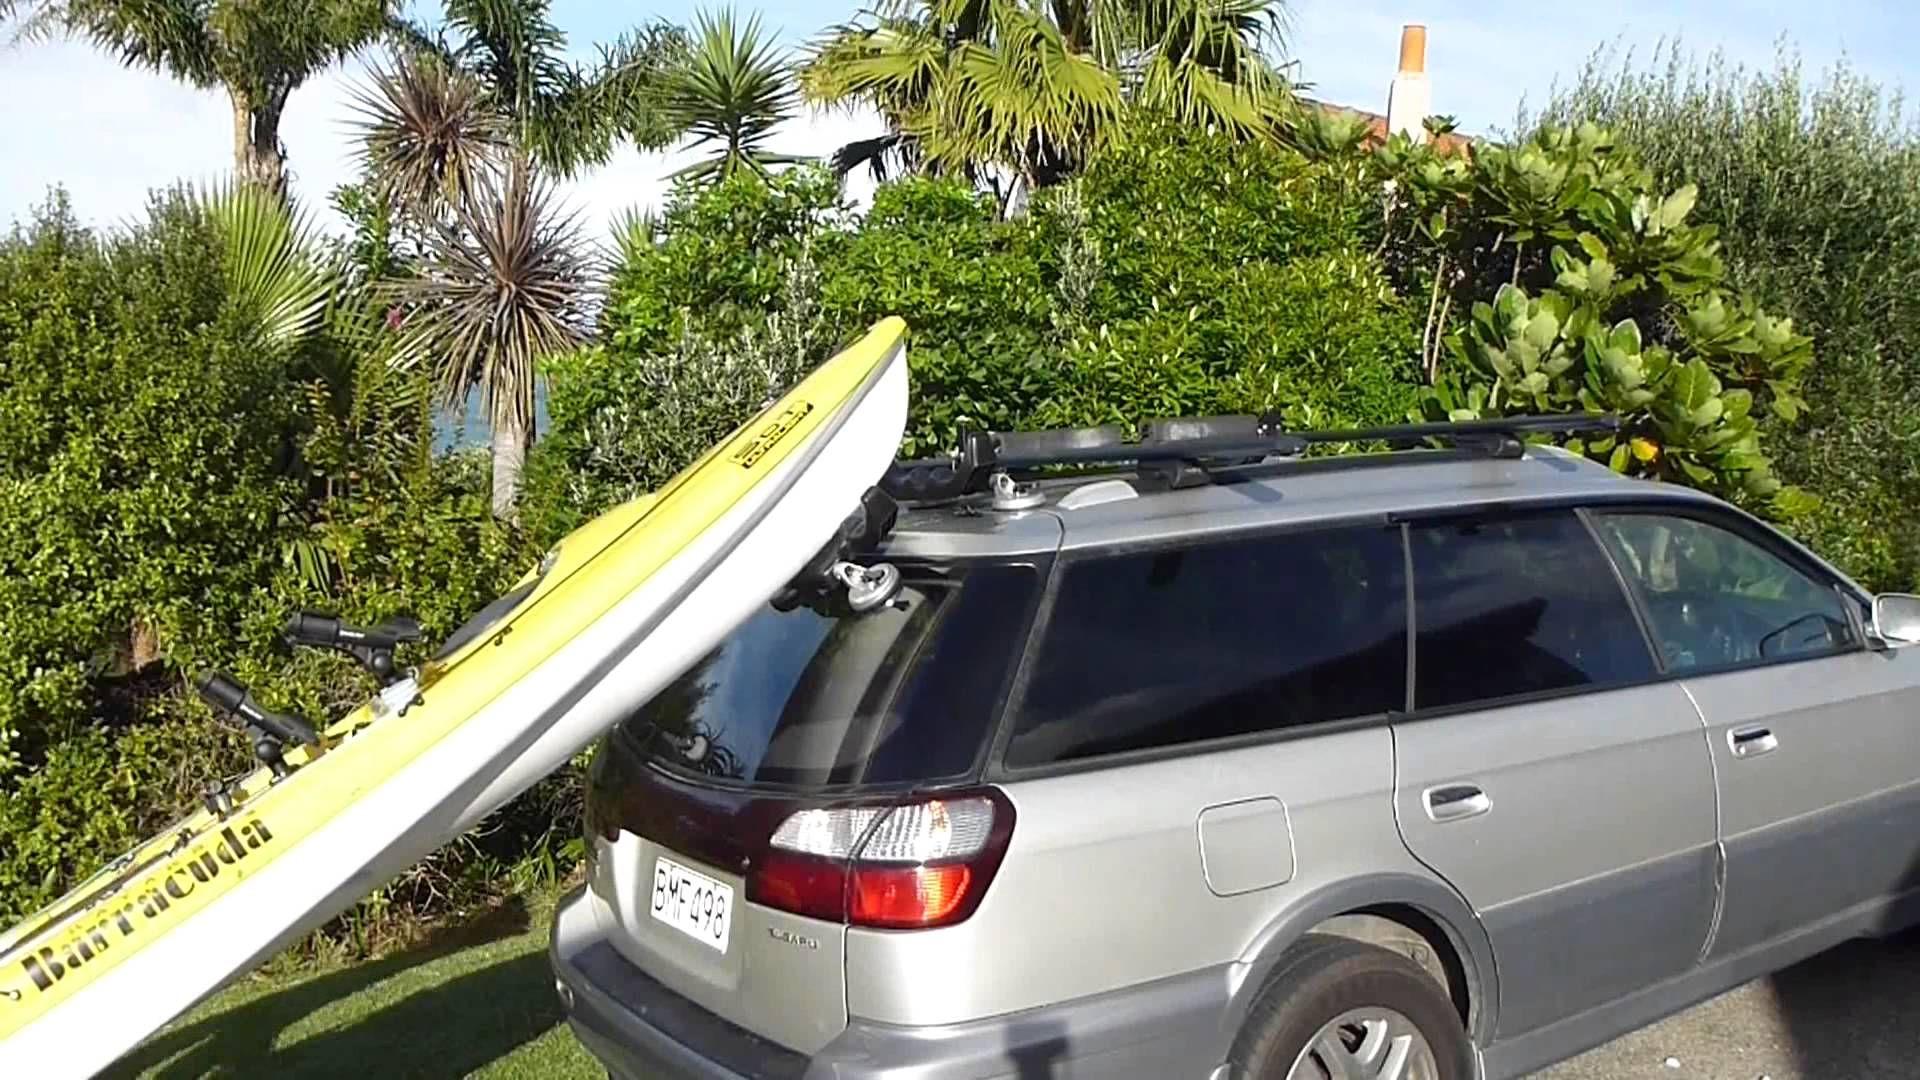 K RACK Easy Kayak Loader for Hatchback & SUV Vehicles